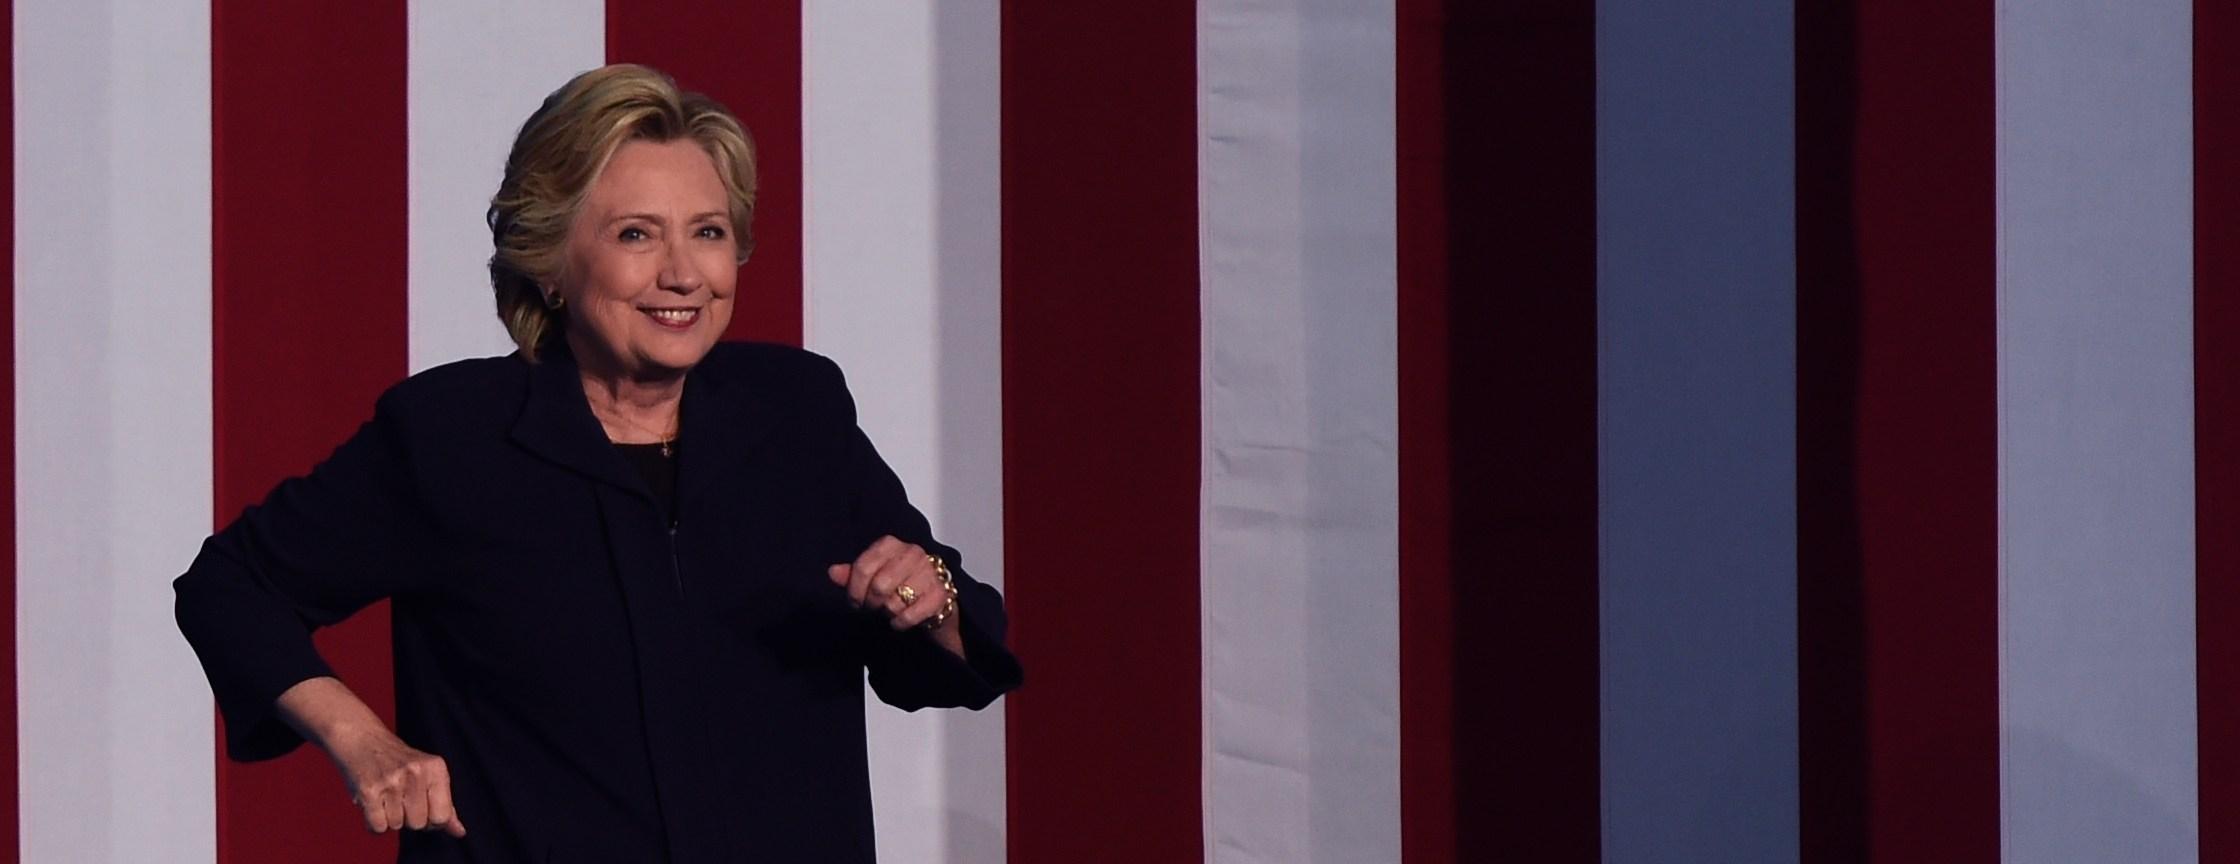 TOPSHOT-US-POLITICS-ELECTION-CLINTON